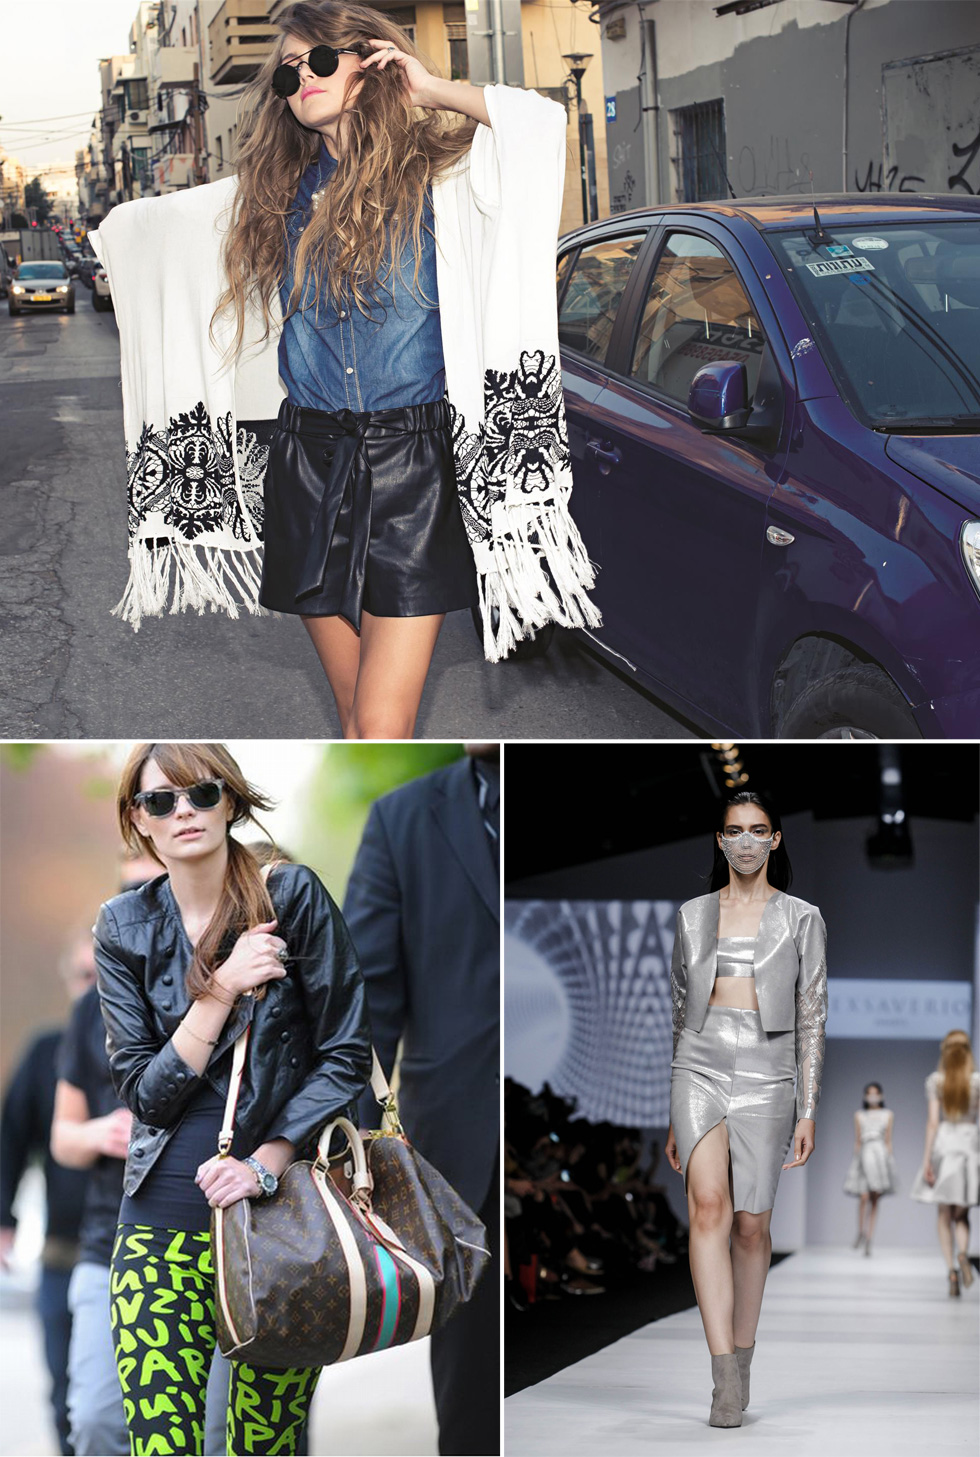 ביפו תל-אביב מחליפים את המיתוג במחירים נוחים (למעלה), בשבוע האופנה באינדונזיה מאמצים את מסכות הפנים, ומישה ברטון מעדיפה יחס אישי מלואי ויטון